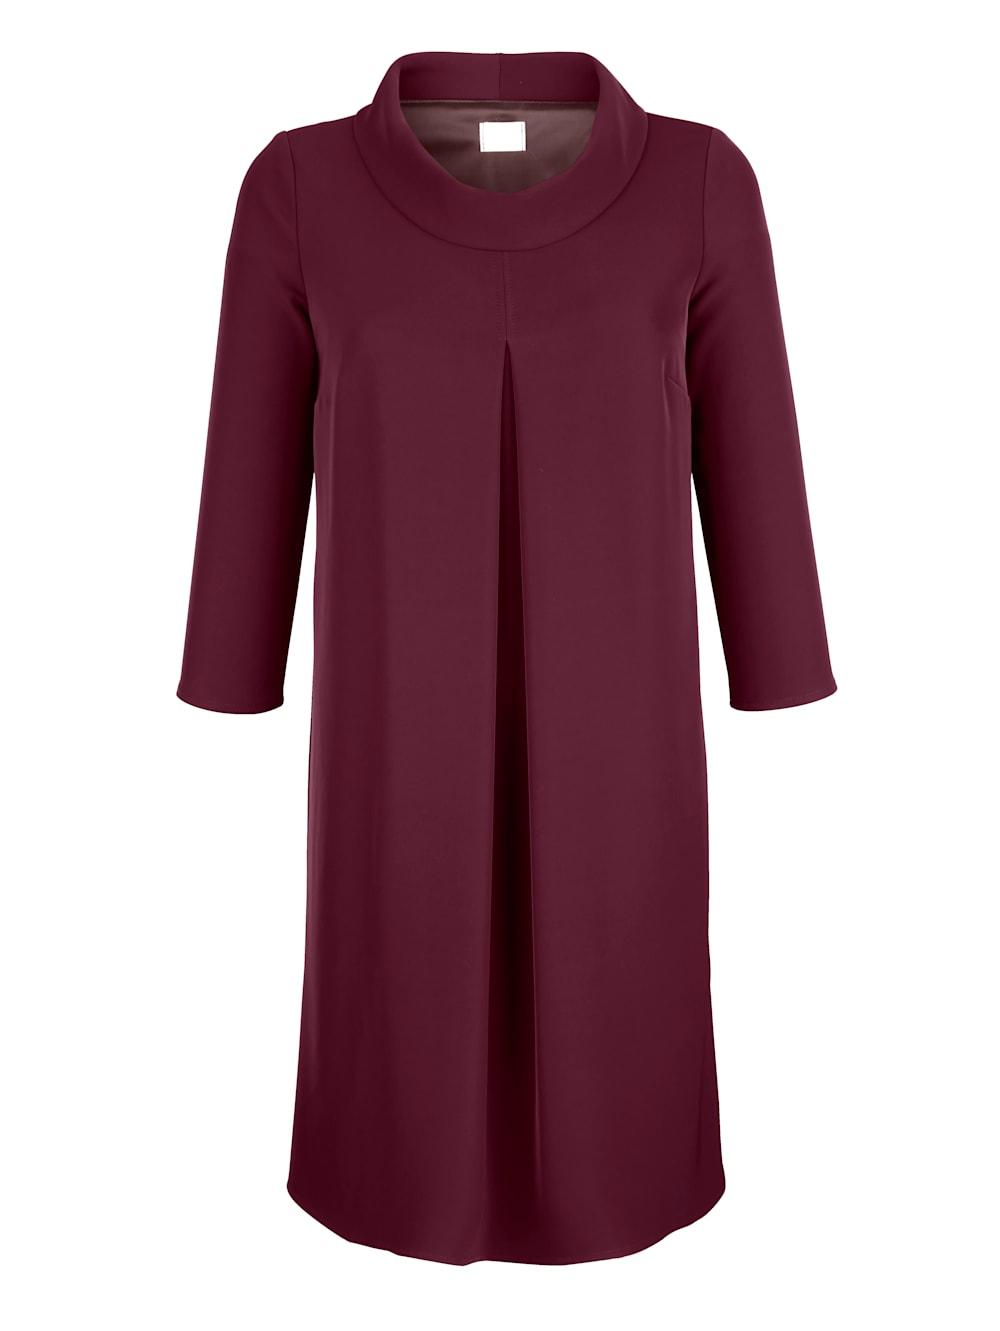 alba moda kleid mit rollkragen | klingel